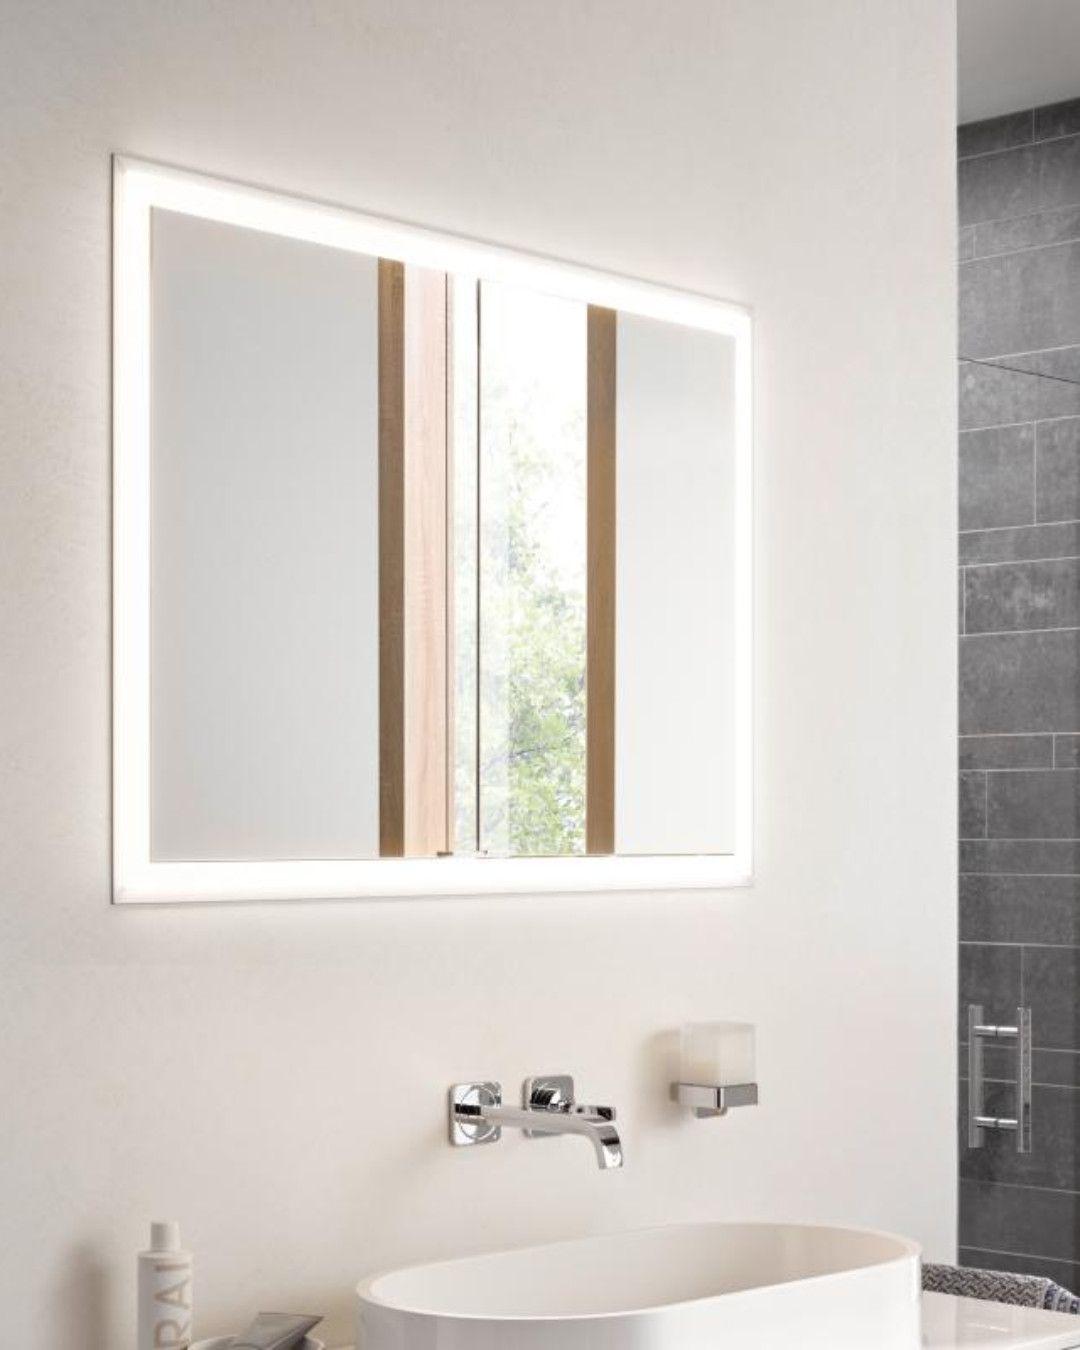 Emco Prime Der Unterputz Led Lichtspiegelschrank Wird Direkt In Der Wand Eingebaut Und Steht Dadurc In 2020 Spiegelschrank Unterputz Spiegelschrank Spiegelschrank Bad